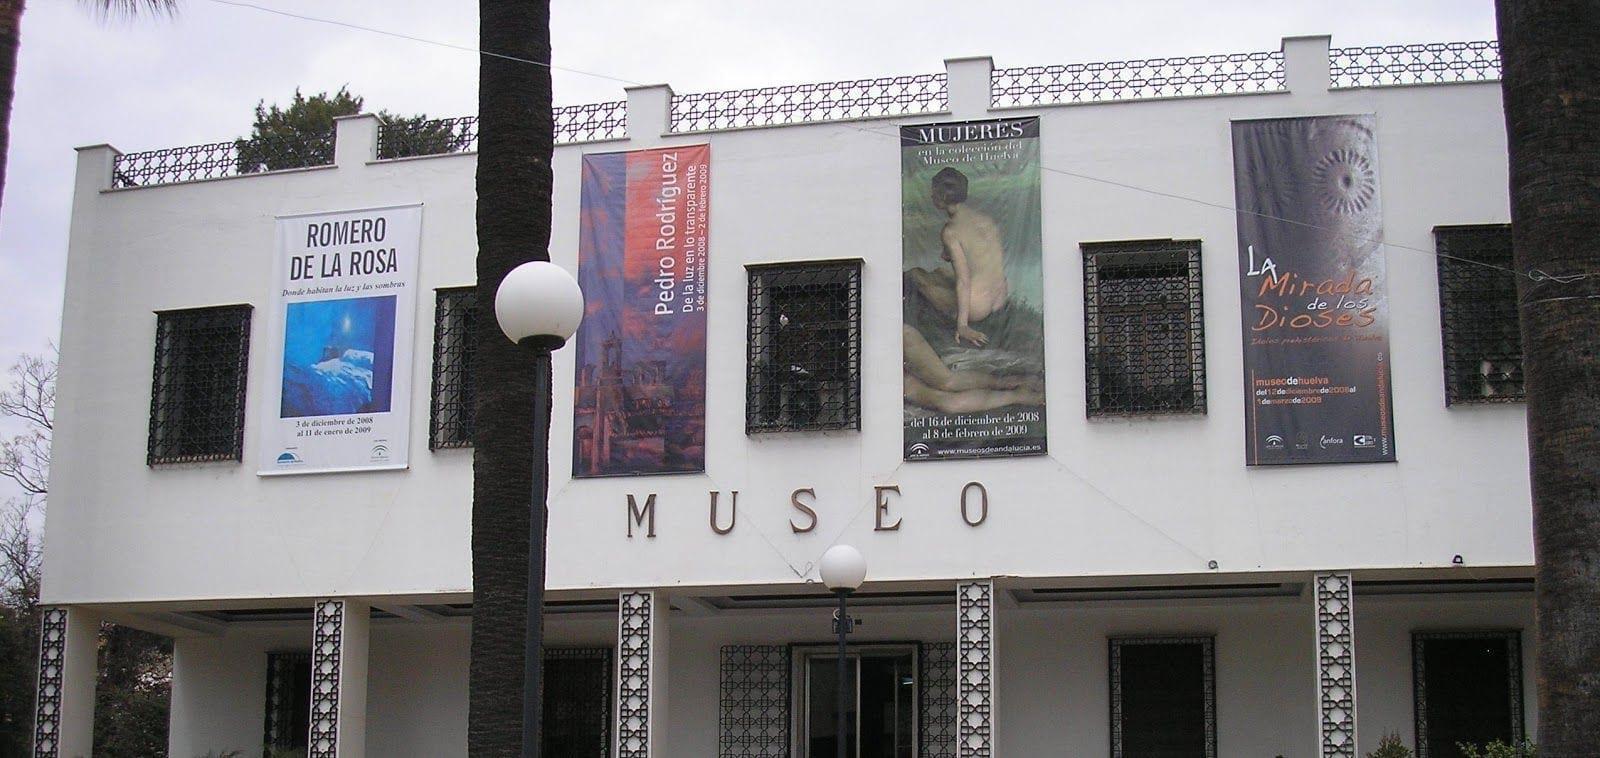 Museo Provincial de Huelva. Exterior